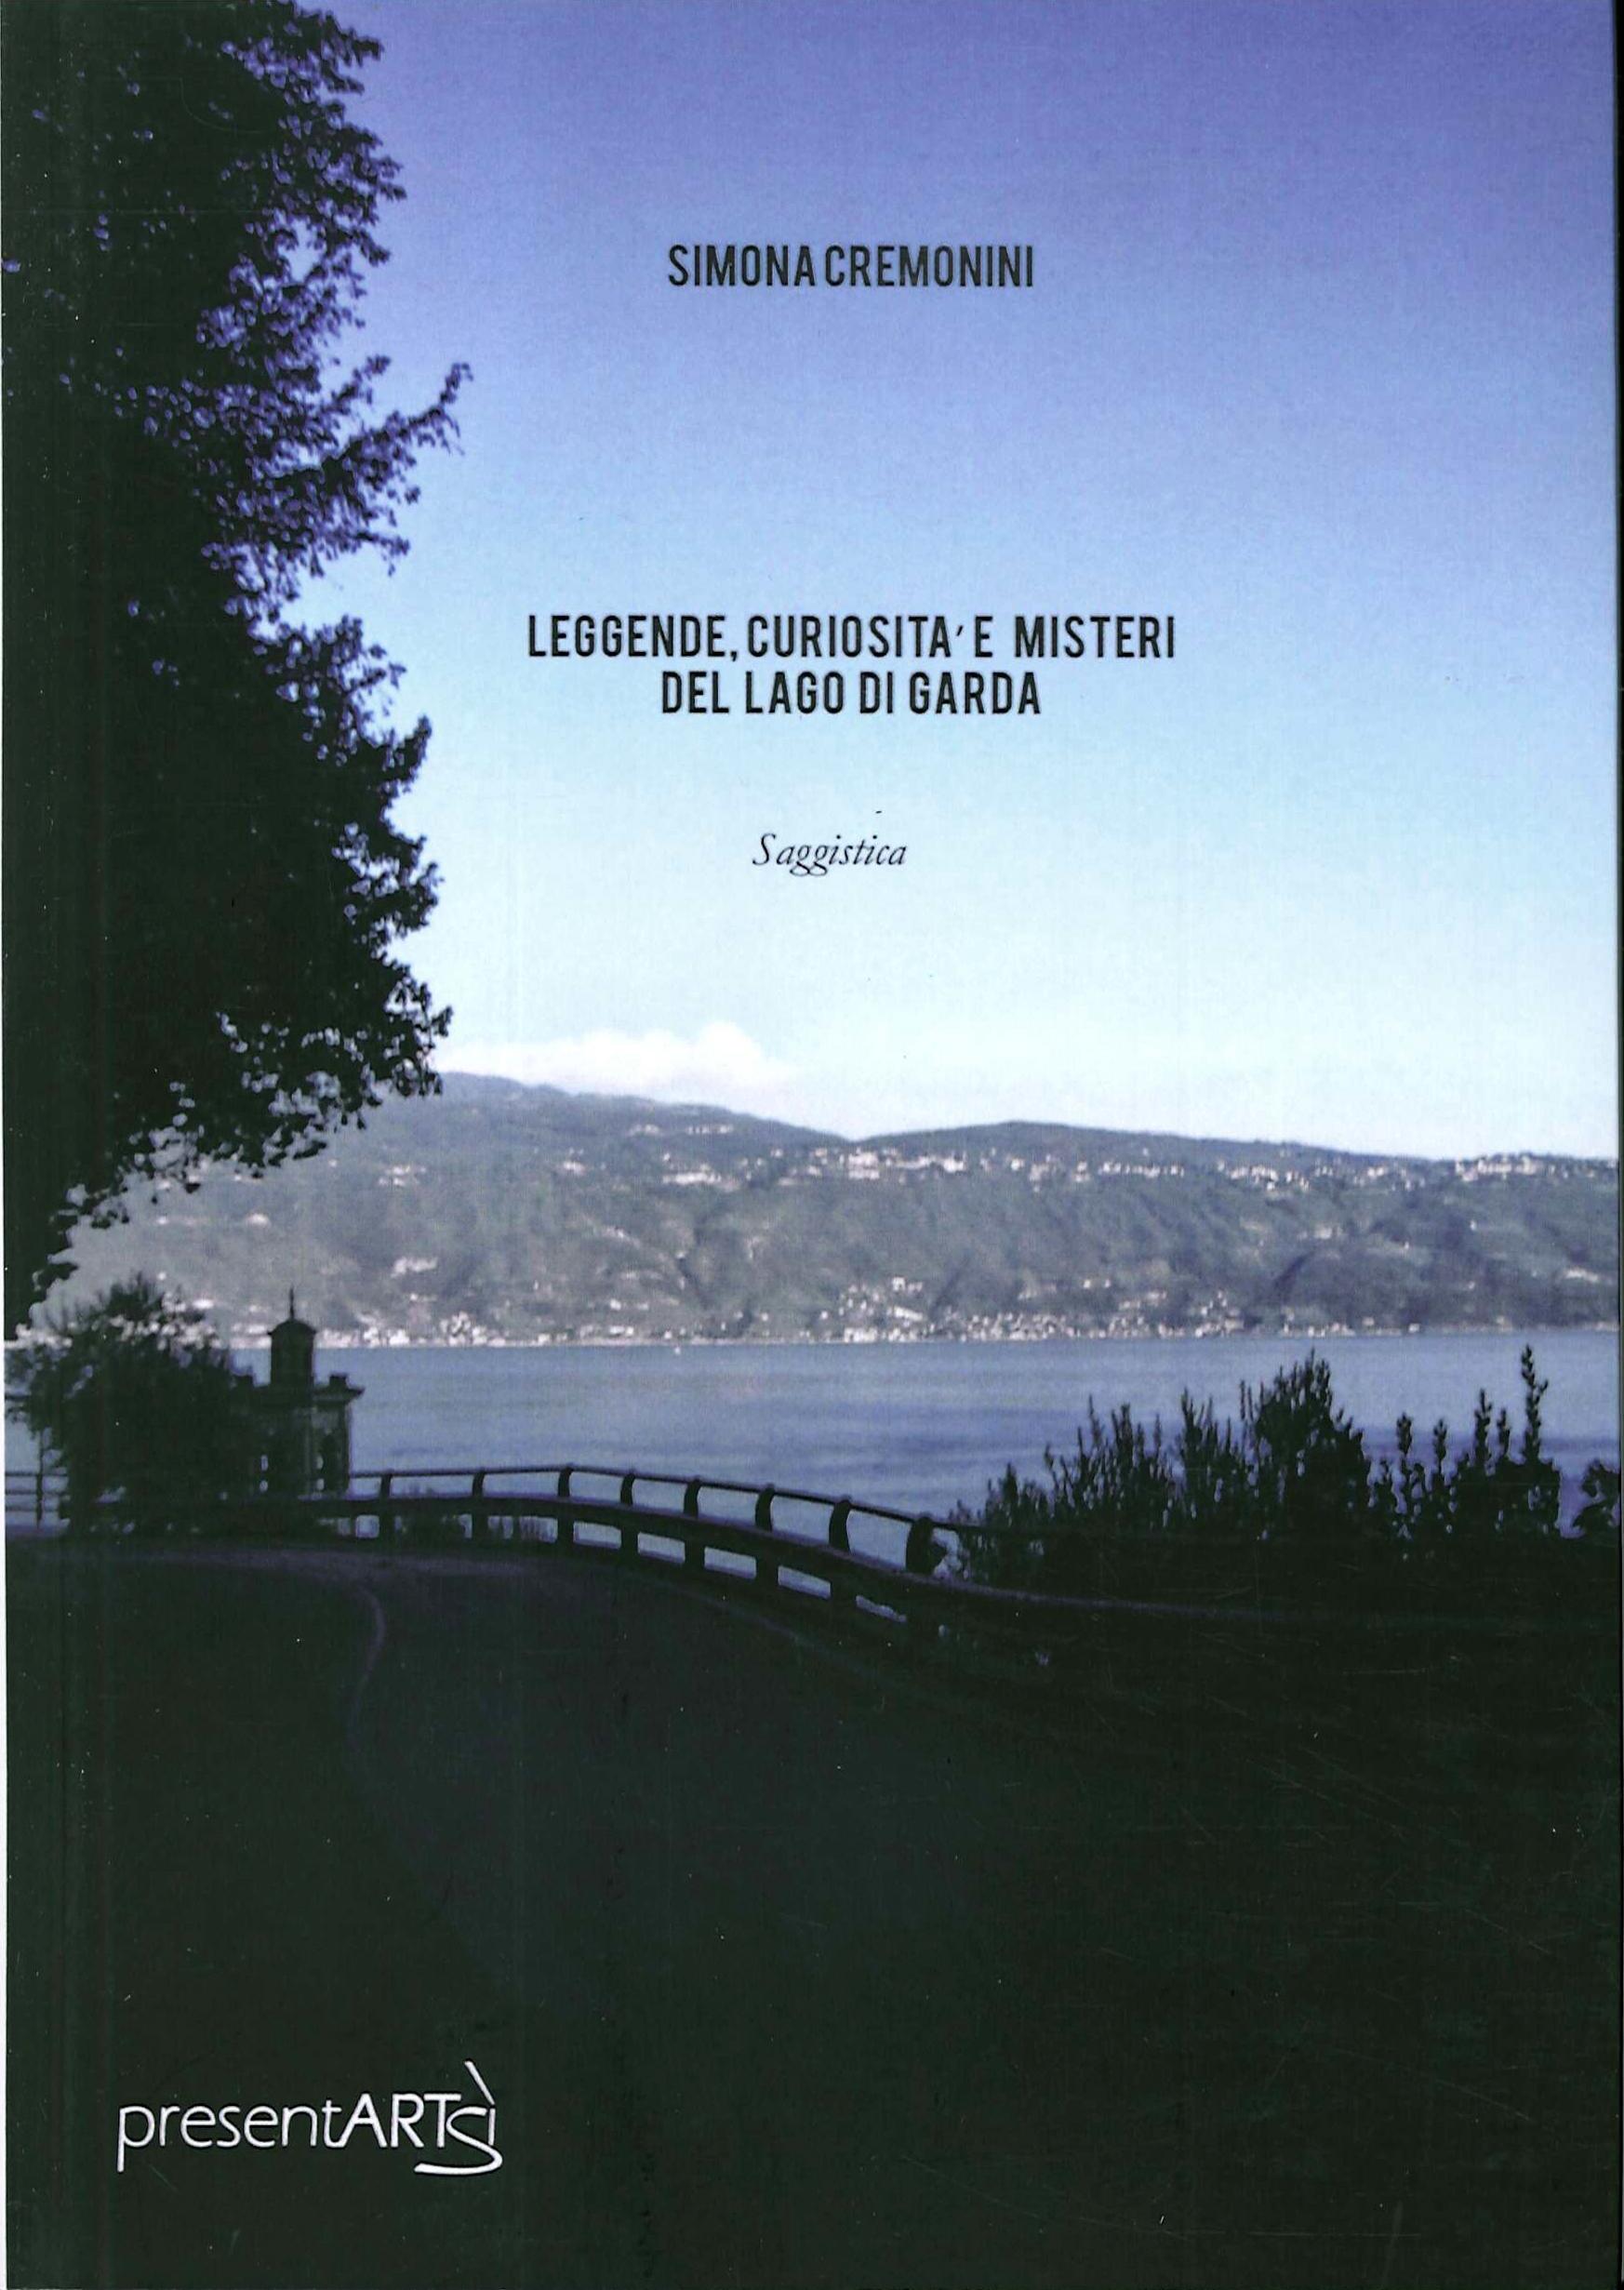 Leggende, curiosità e misteri del lago di Garda.